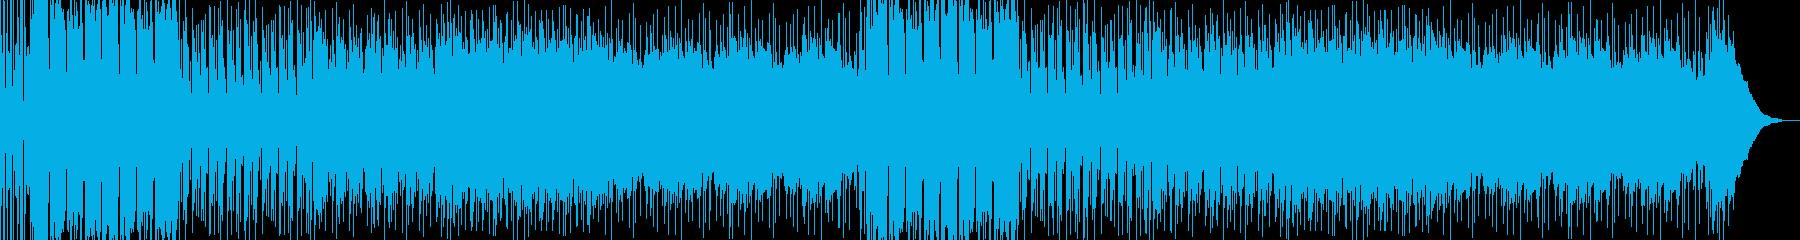 ロックなBGMの再生済みの波形